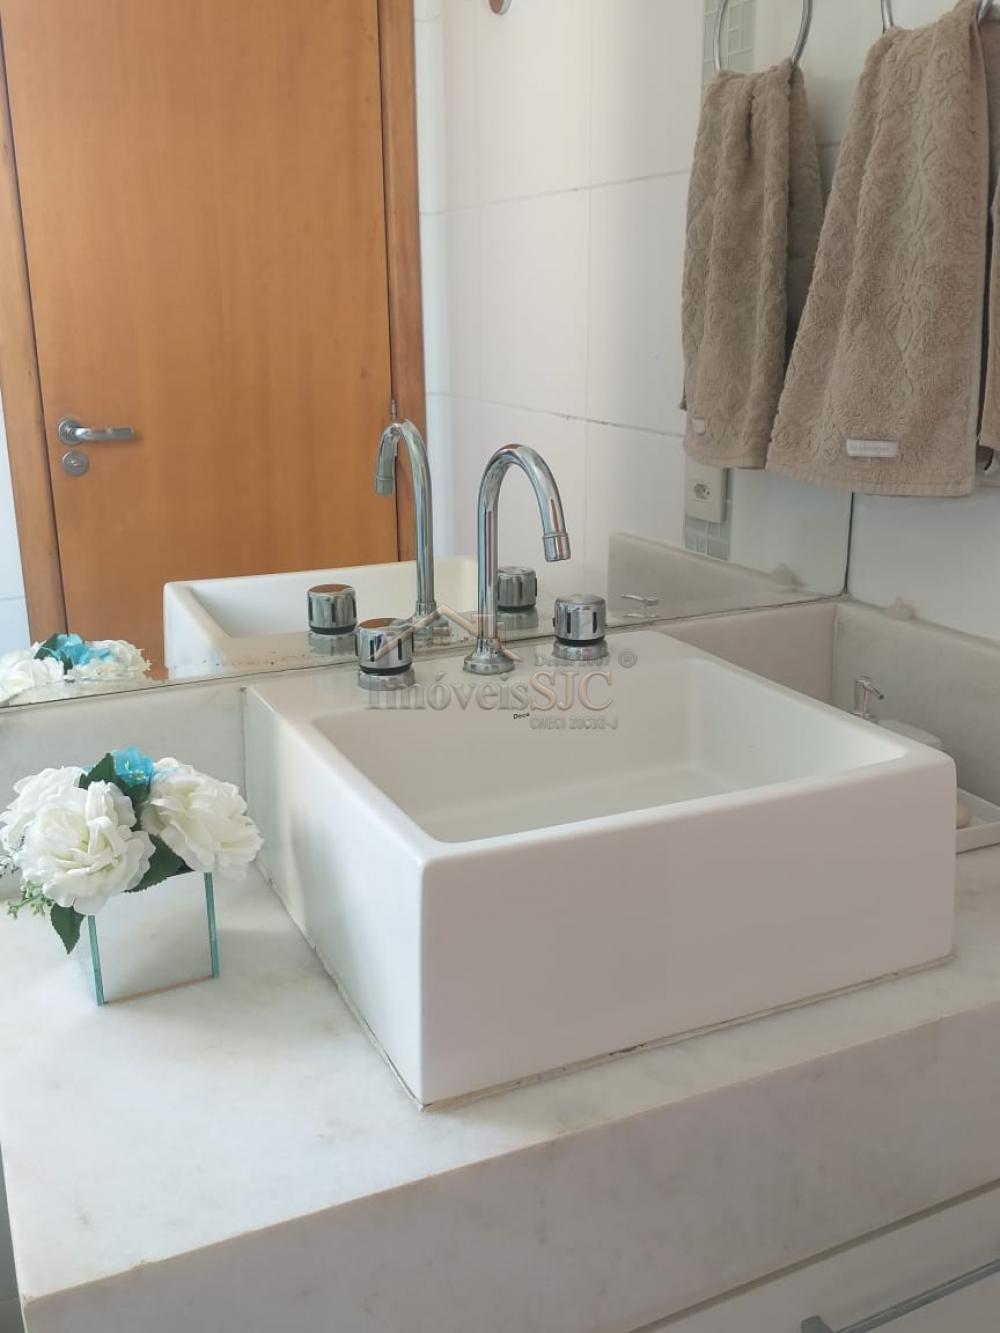 Comprar Apartamentos / Padrão em São José dos Campos apenas R$ 820.000,00 - Foto 8